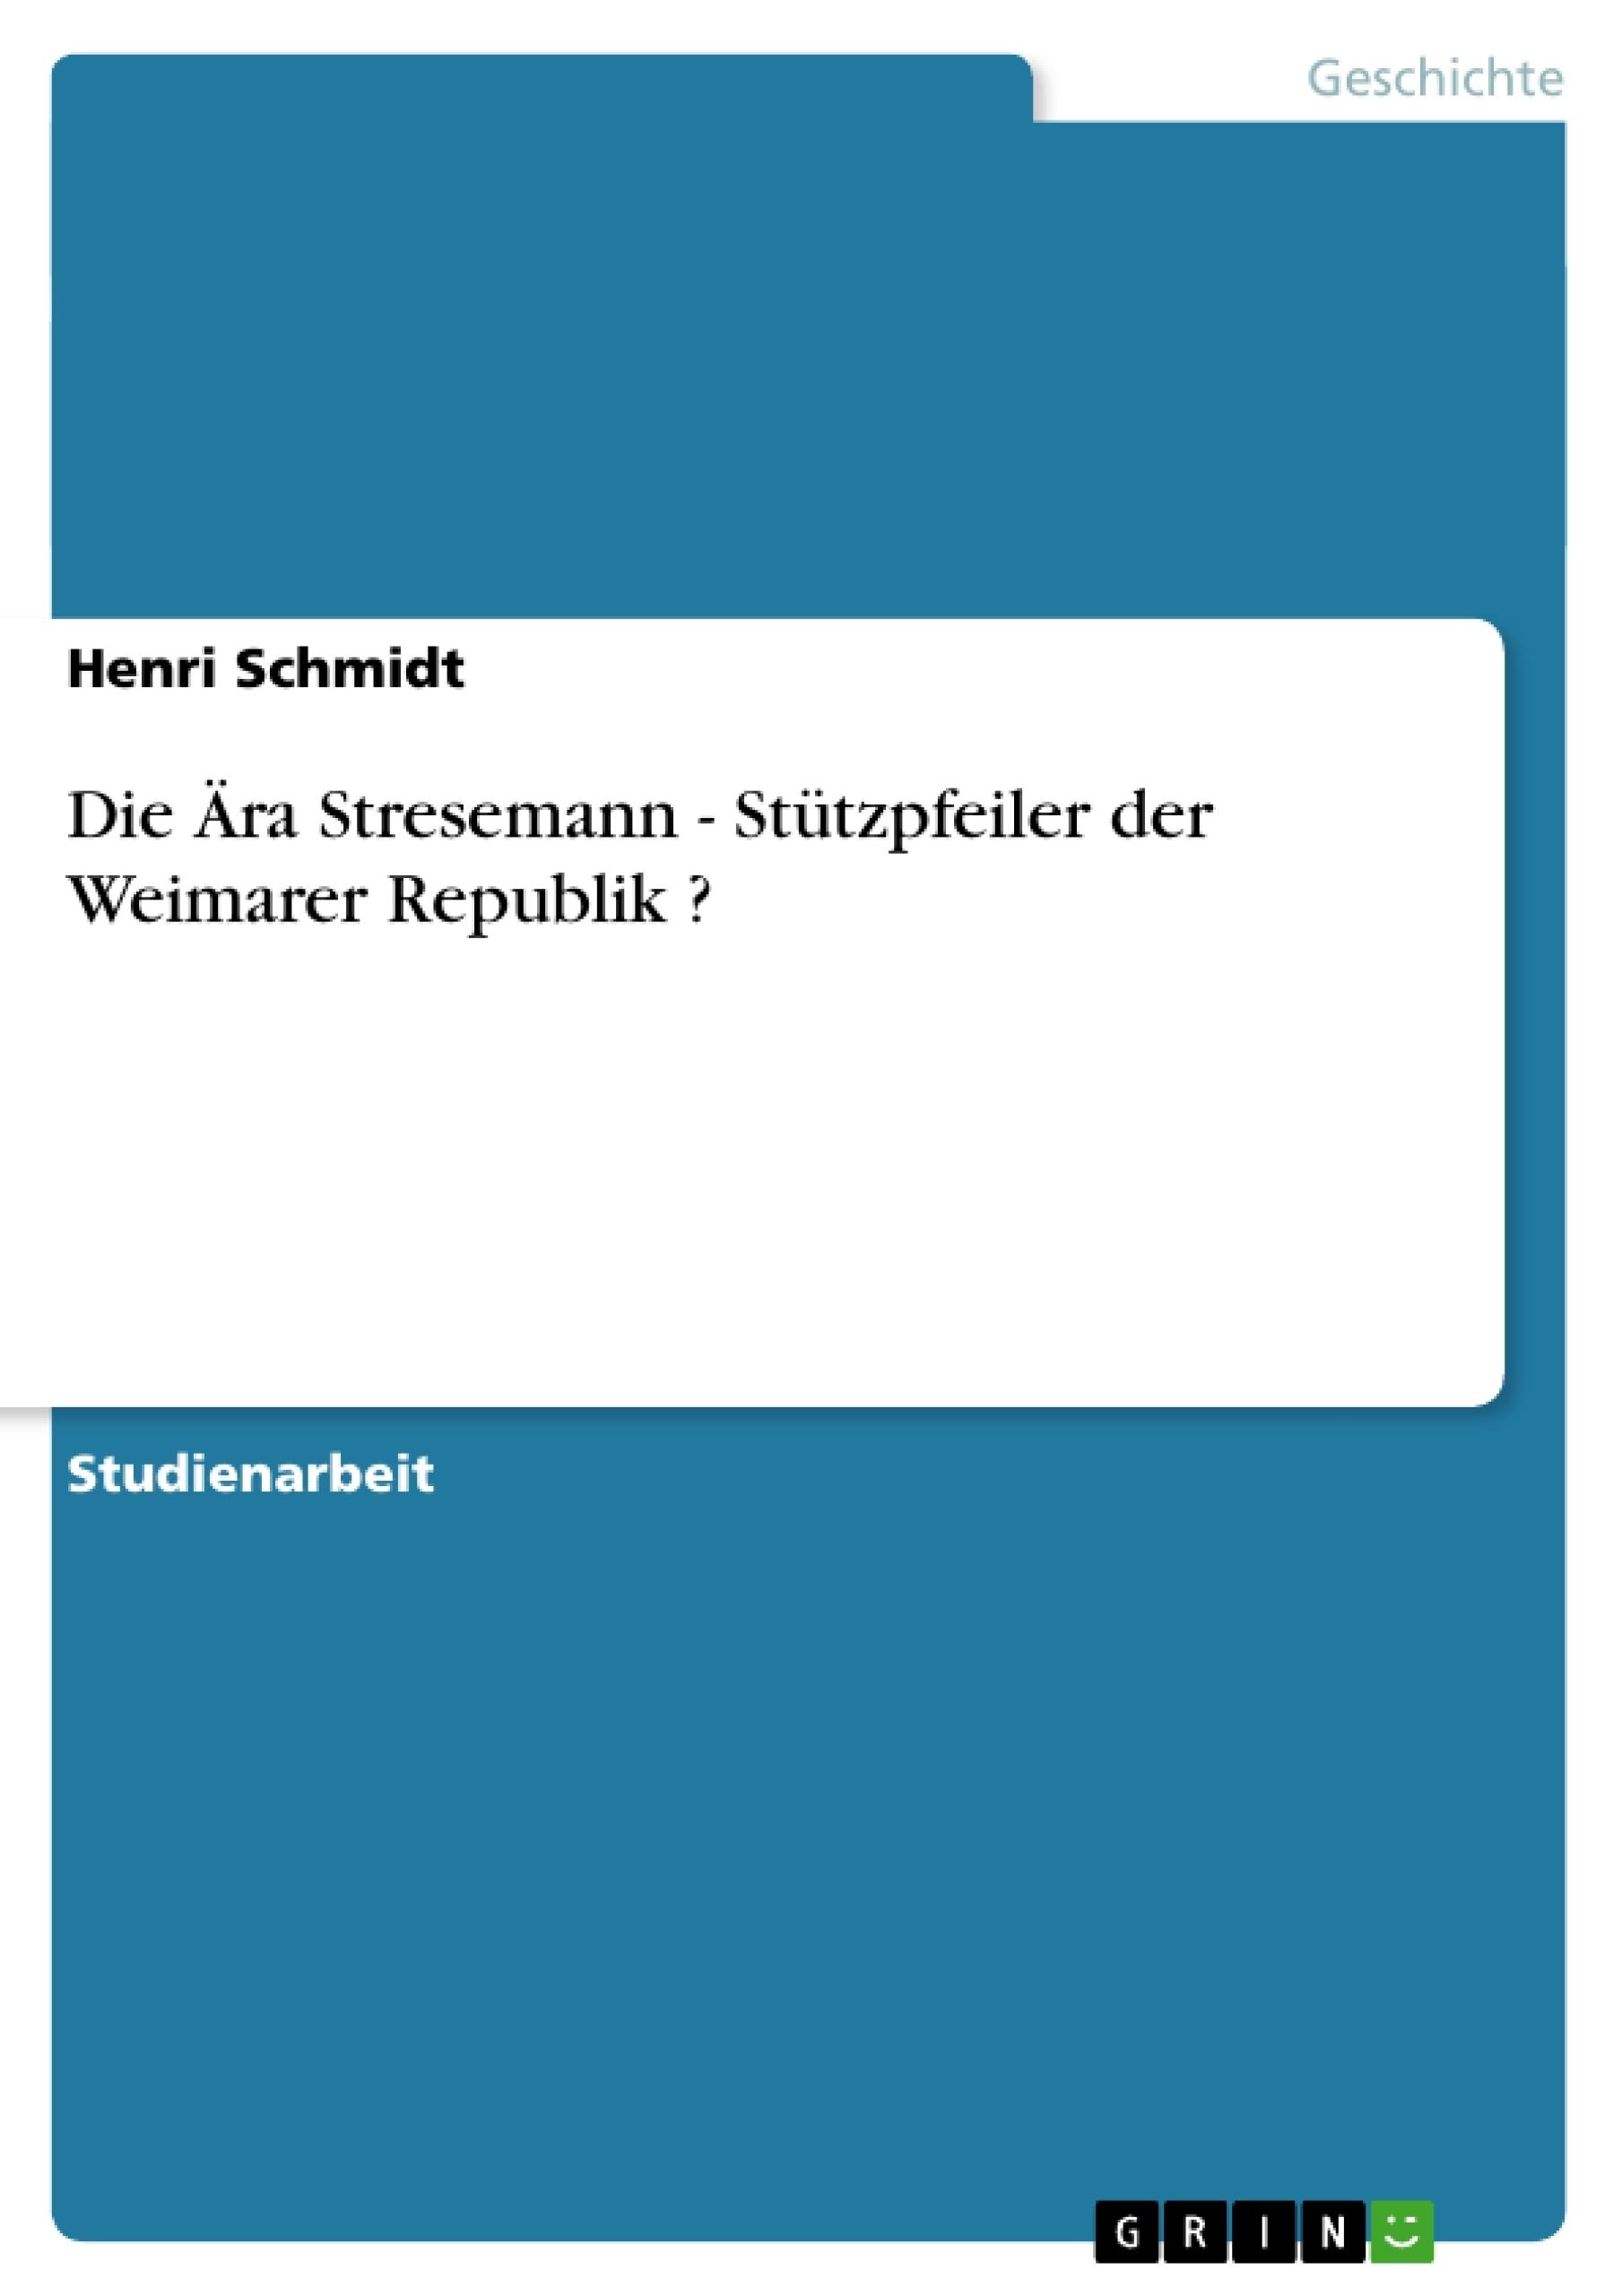 Titel: Die Ära Stresemann - Stützpfeiler der Weimarer Republik ?